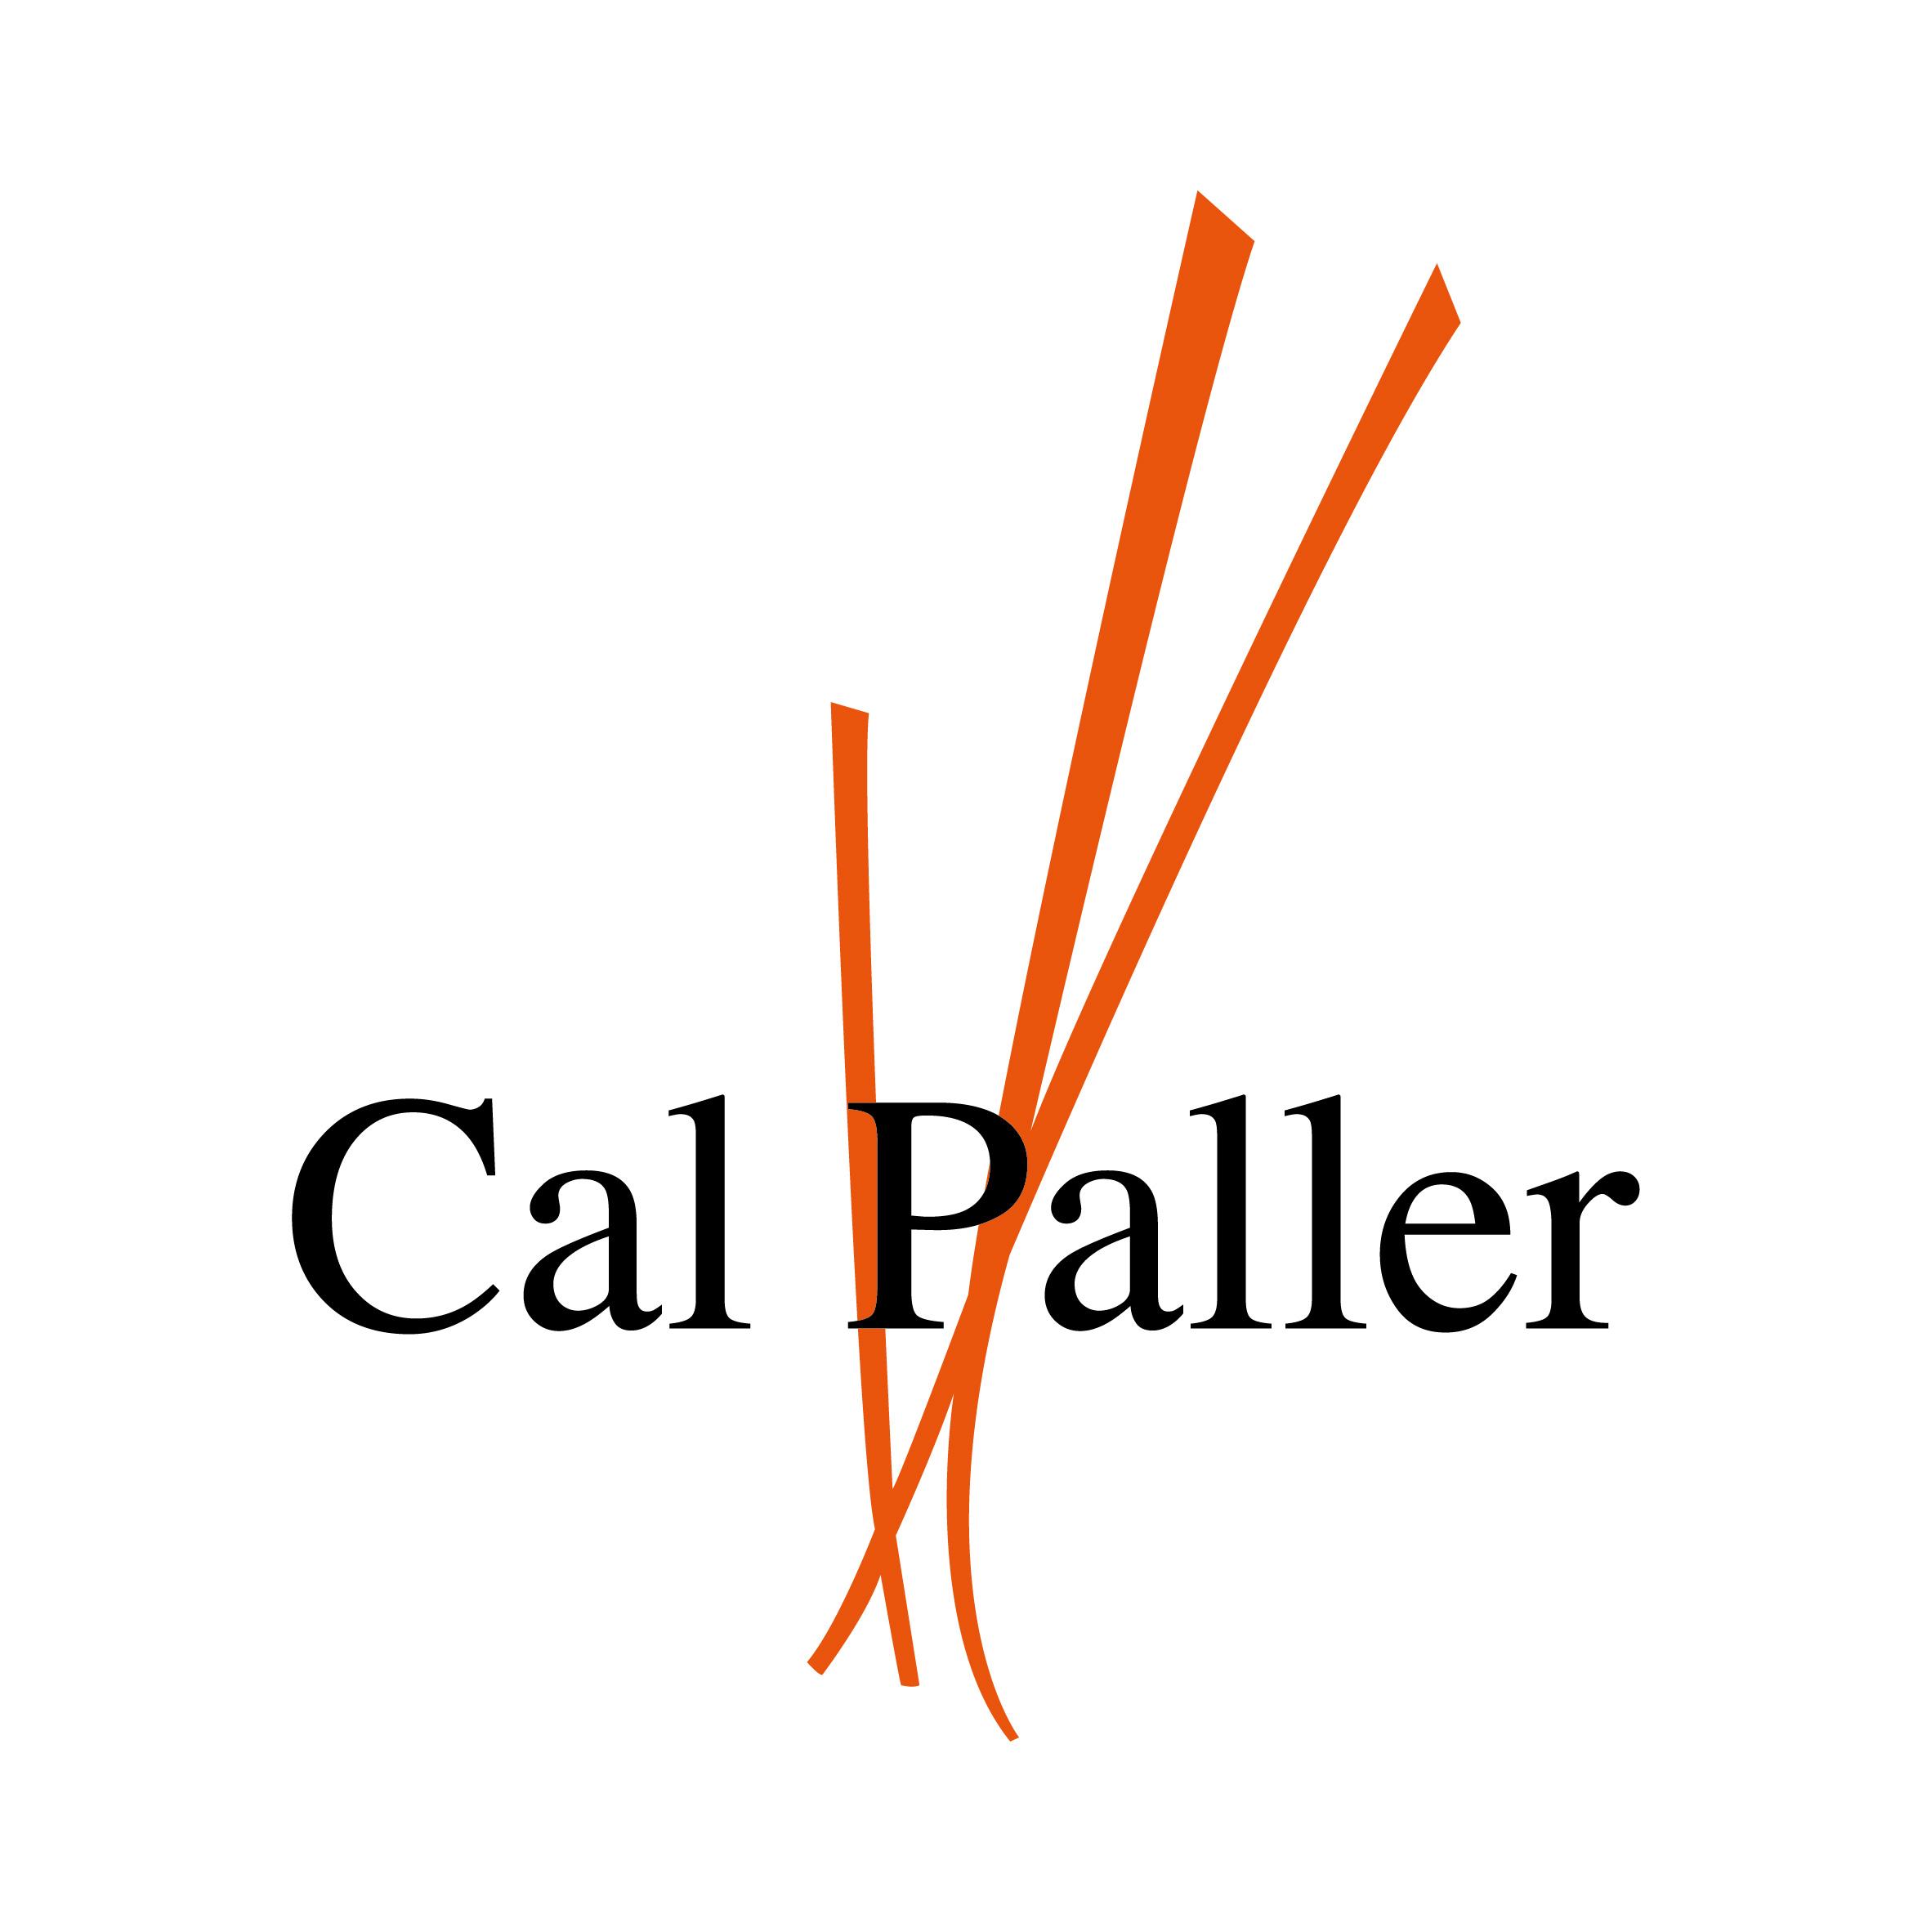 Cal Paller